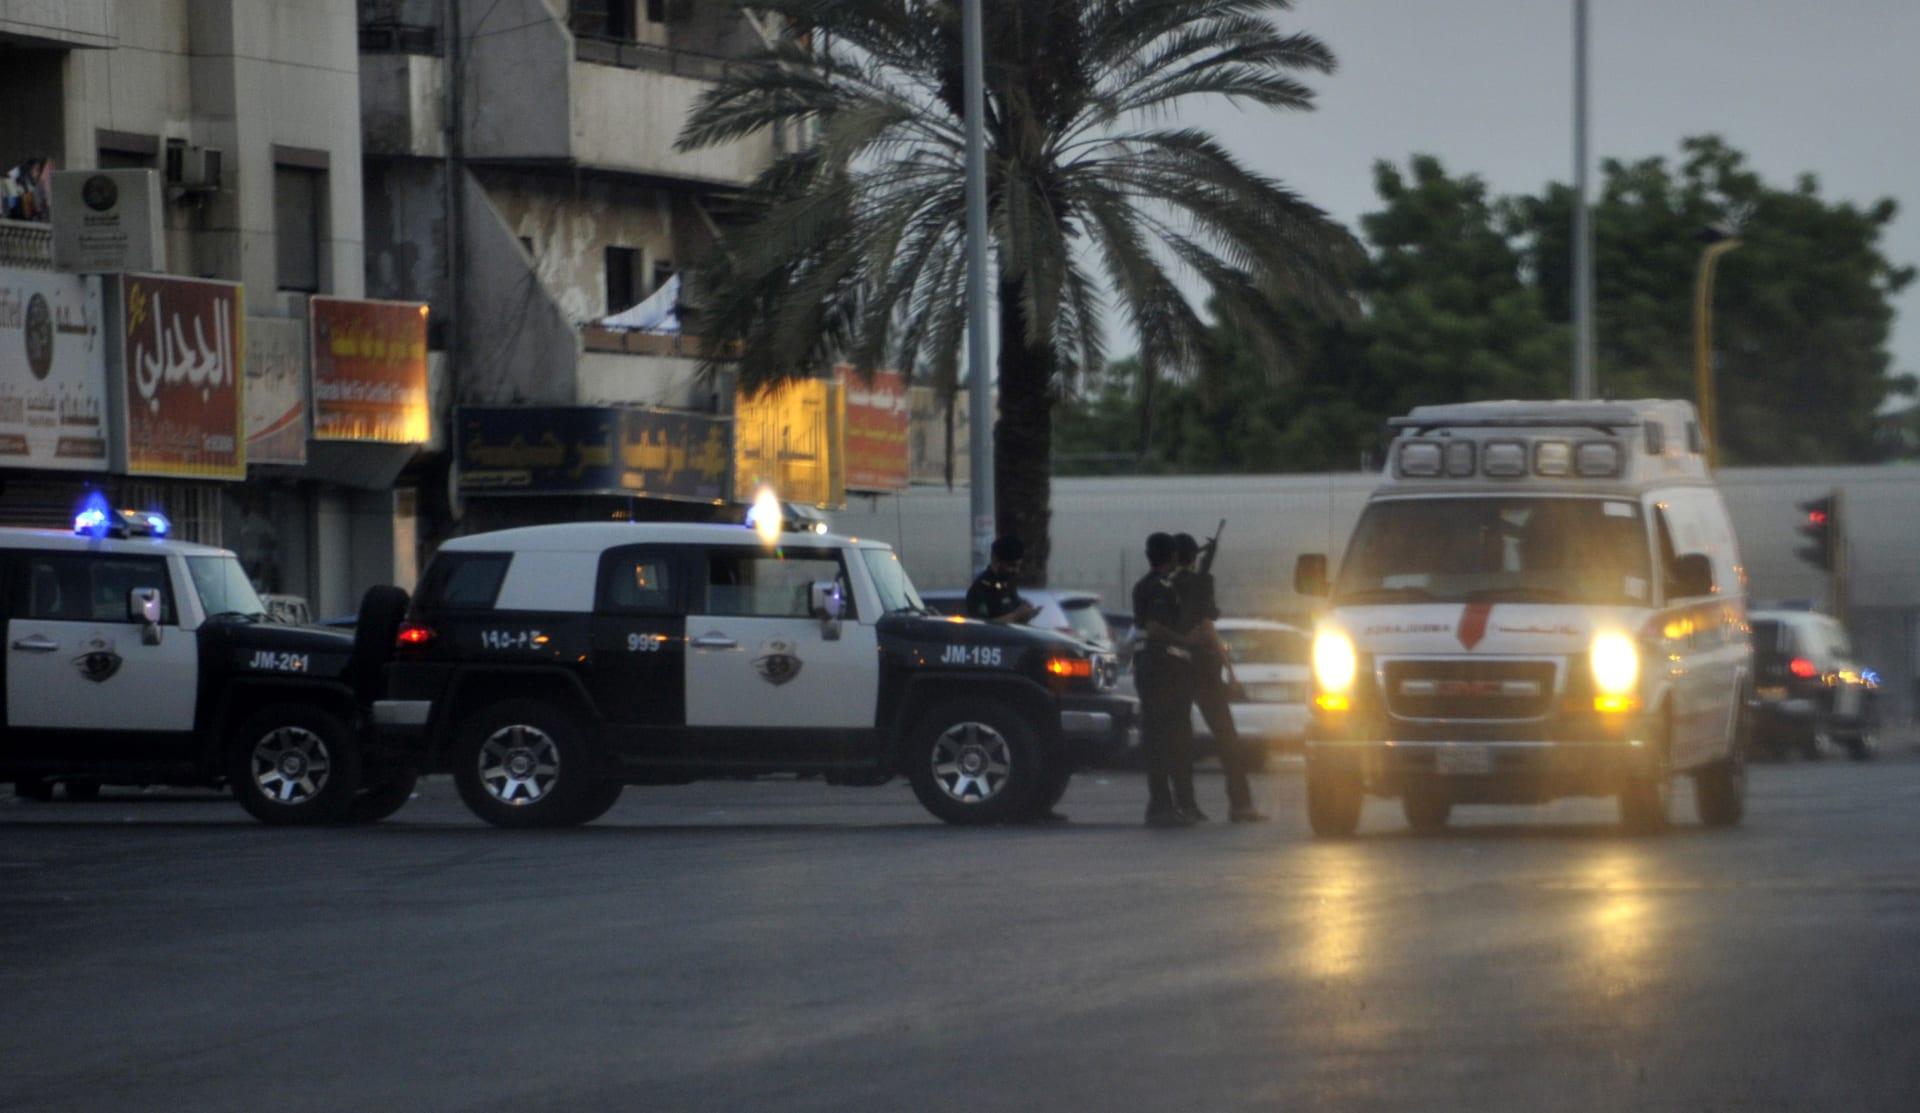 إصابة 3 من أفراد الشرطة السعودية في إطلاق نار بالمدينة المنورة